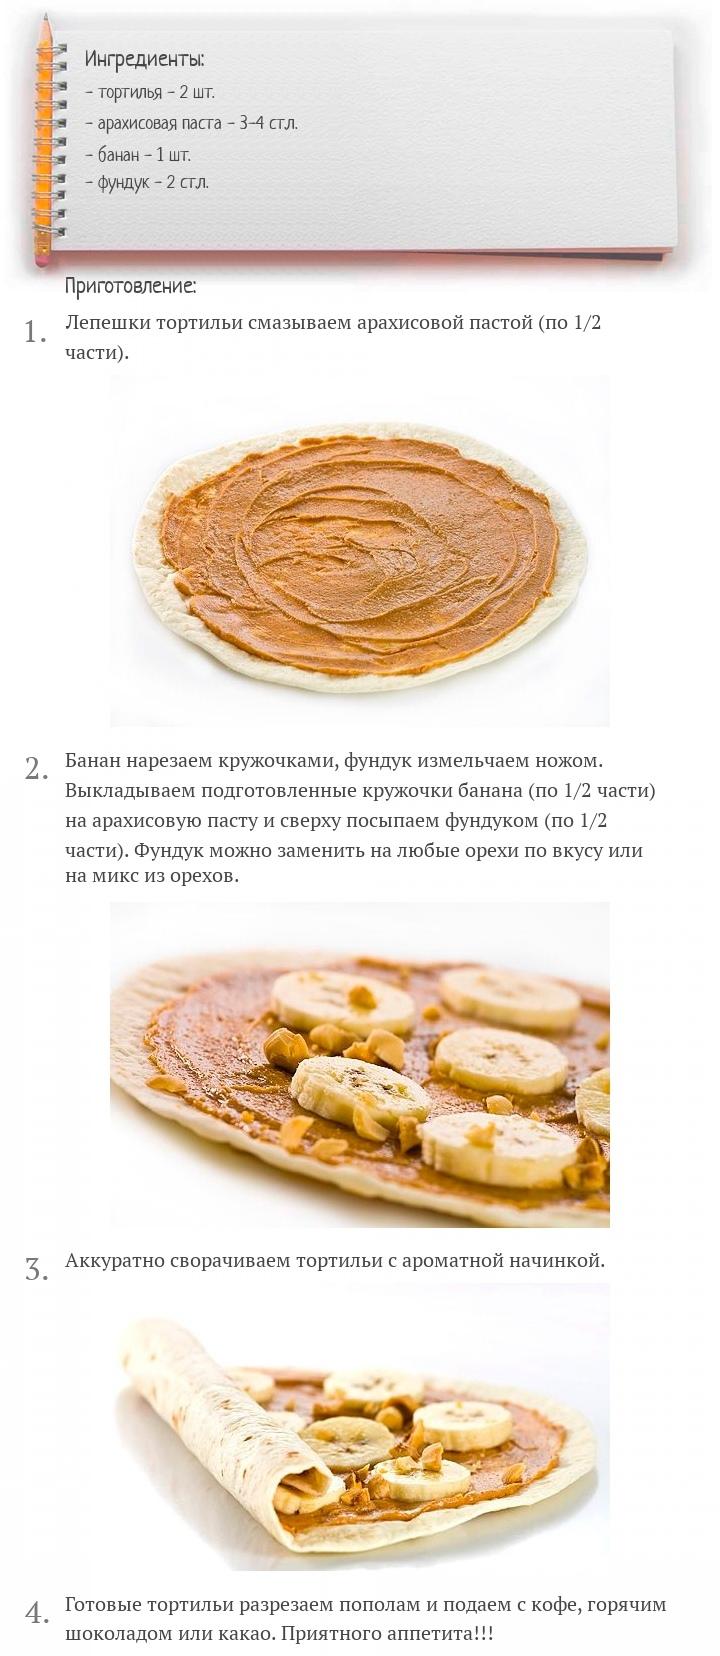 Тортилья с арахисовым маслом, бананом и орехами, изображение №2